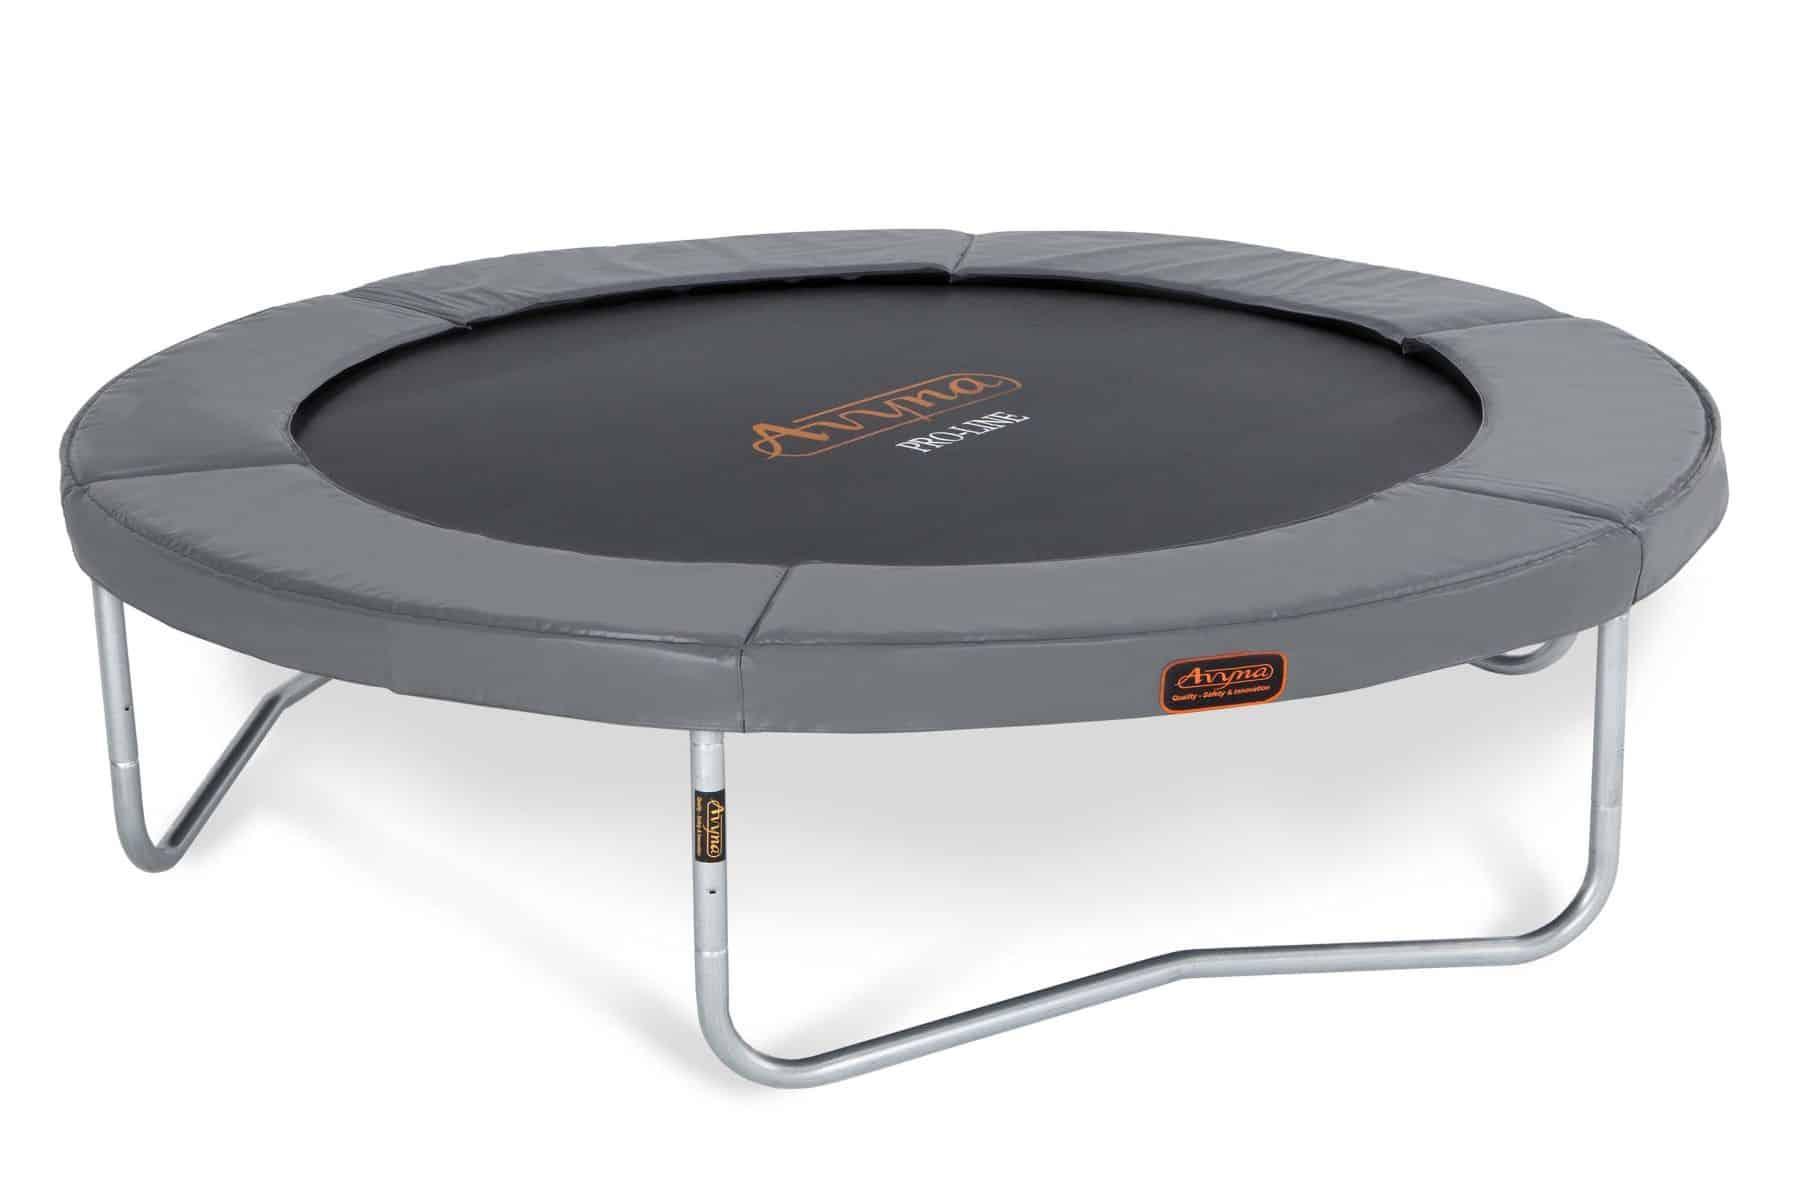 trampoline kopen, Trampoline kopen